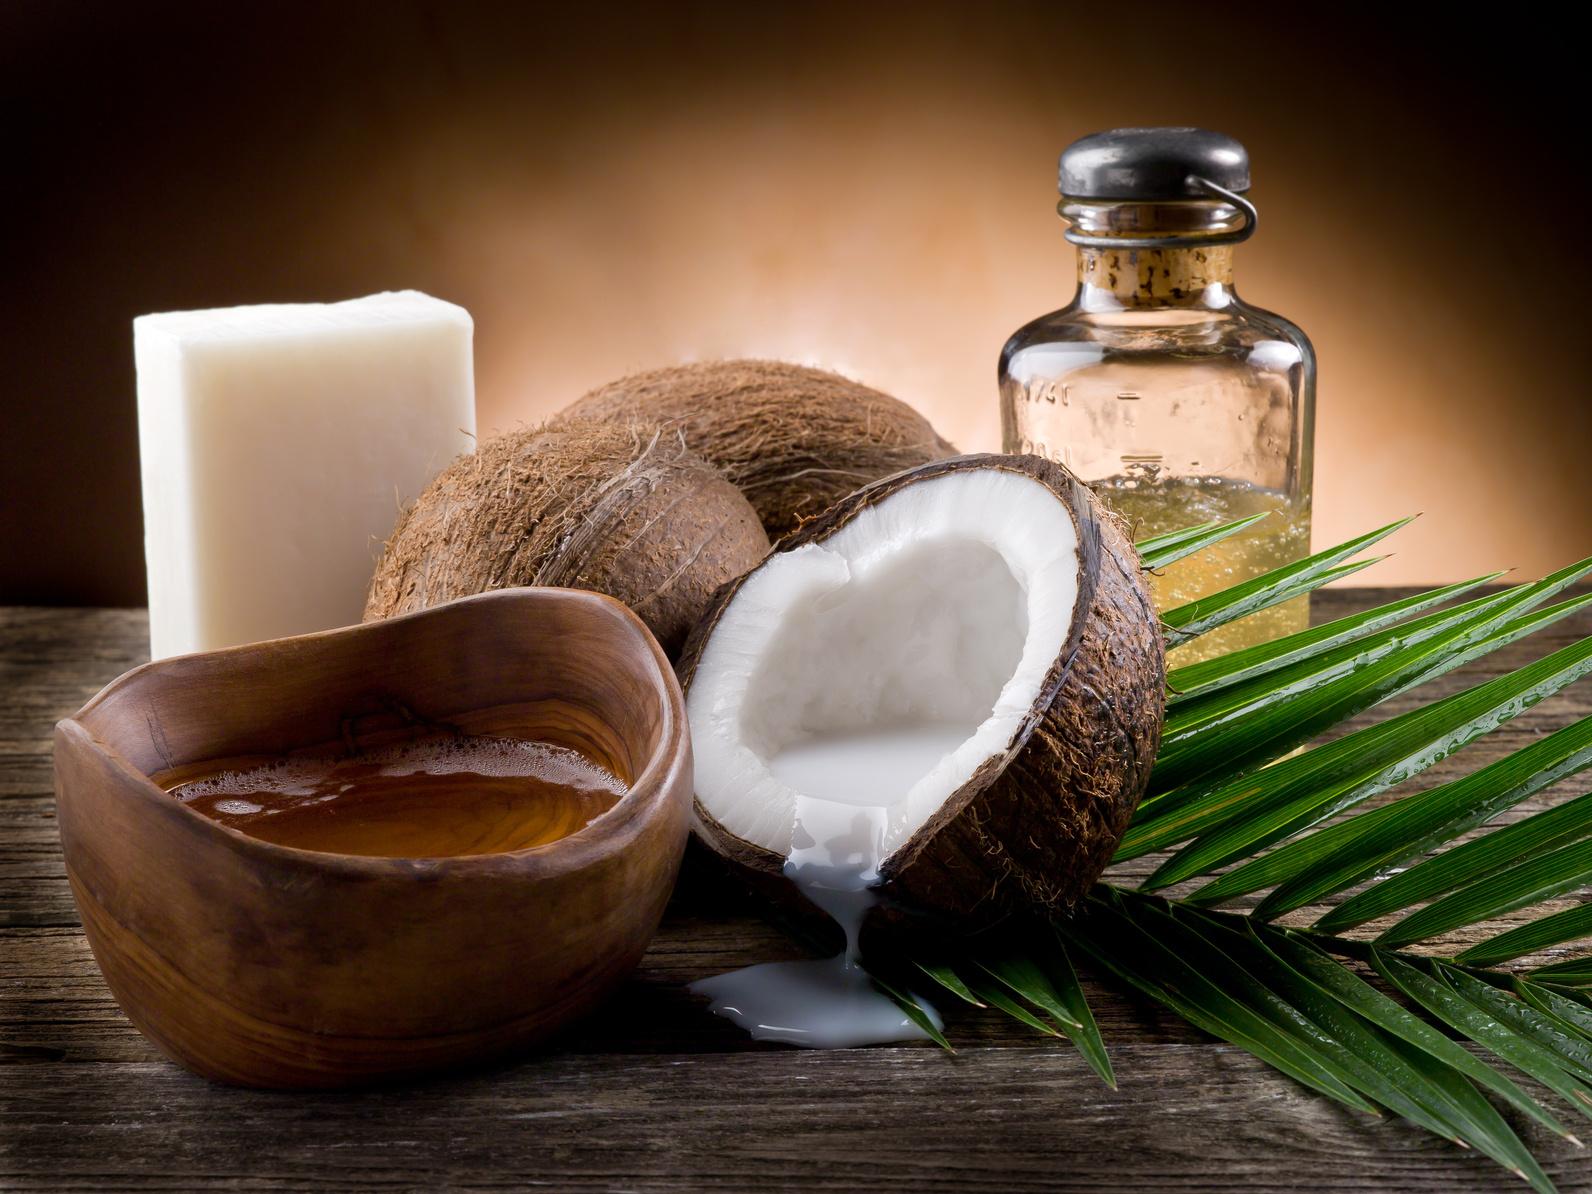 Kokosöl, Kokosfett, Kokosöl Großhandel, Kokosöl, Hersteller, Kokosöl Lieferant, Coconut oil, Coconut oil supplier, Kokosnussöl, Kokosnussöl Hersteller, Kokosnussöl Lieferant, Kokosnussöl Großhändler, Kokosnussöl Großhandel